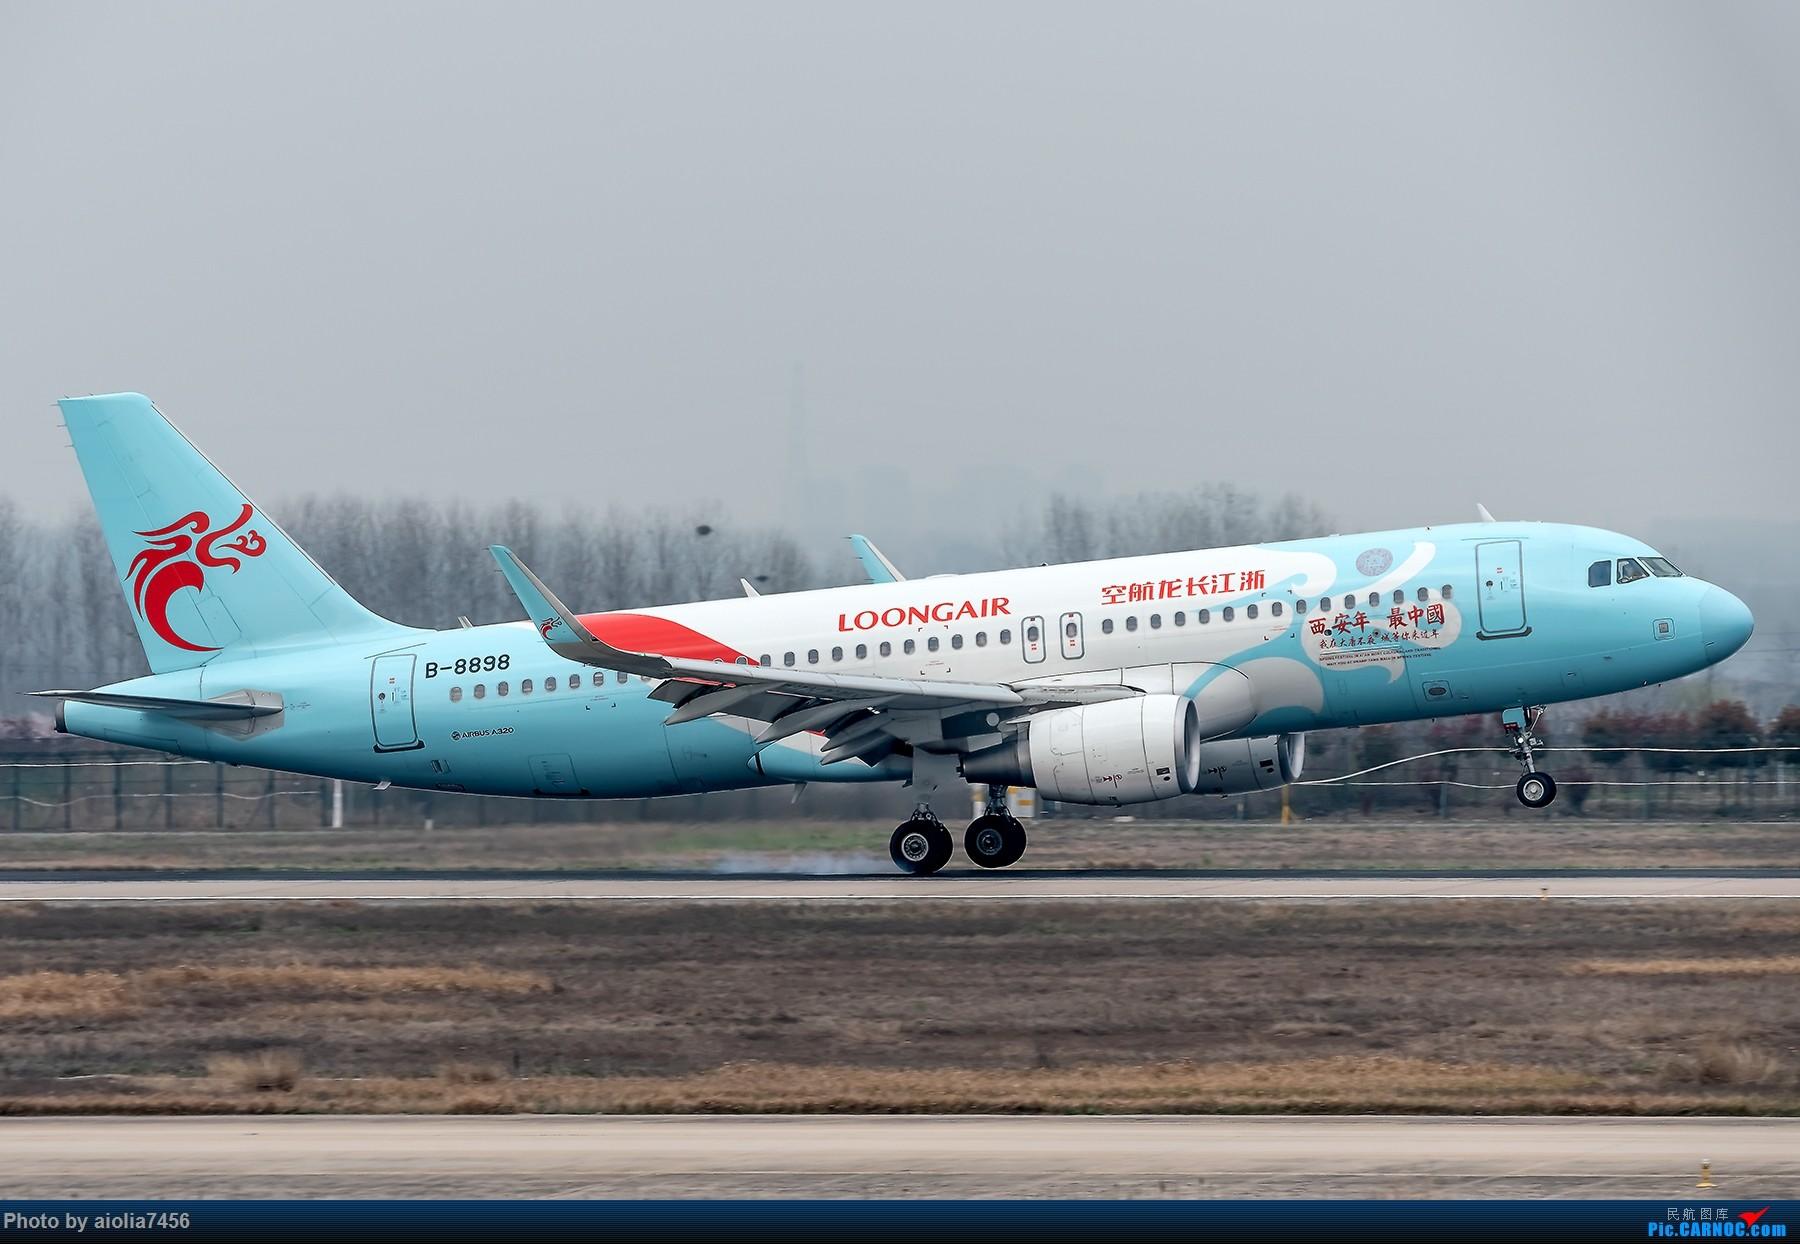 Re:[原创]{霸都打机队}儿子说,合肥为什么没有大飞机?(手动尴尬) AIRBUS A320-200 B-8898 中国合肥新桥国际机场